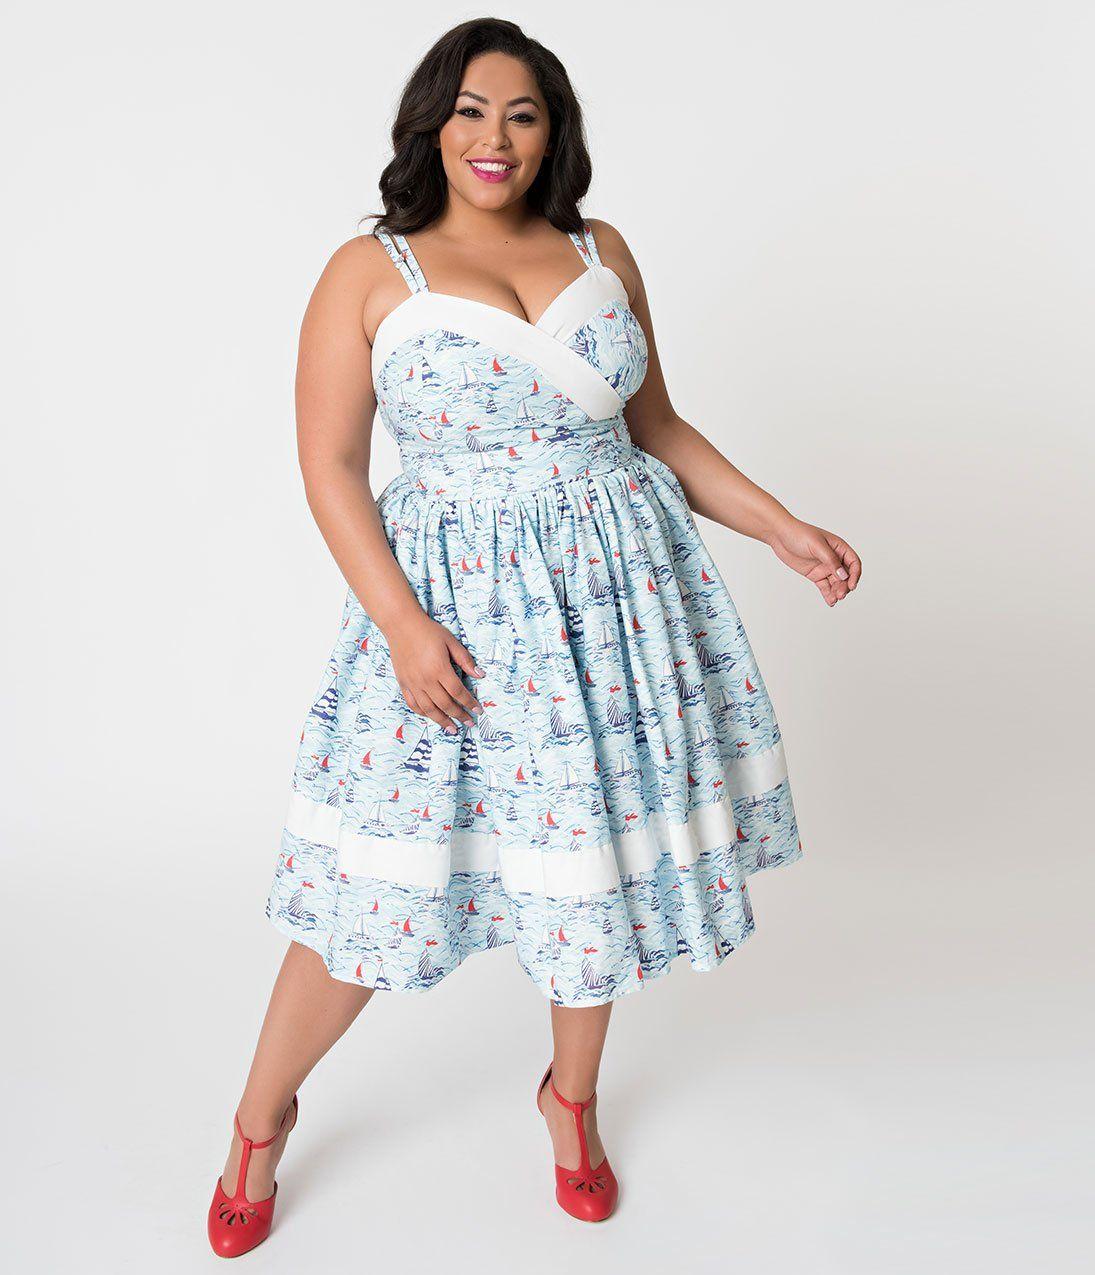 1950s Plus Size Dresses Clothing Plus Size Vintage Dresses Plus Size Sundress Plus Size Retro Dresses